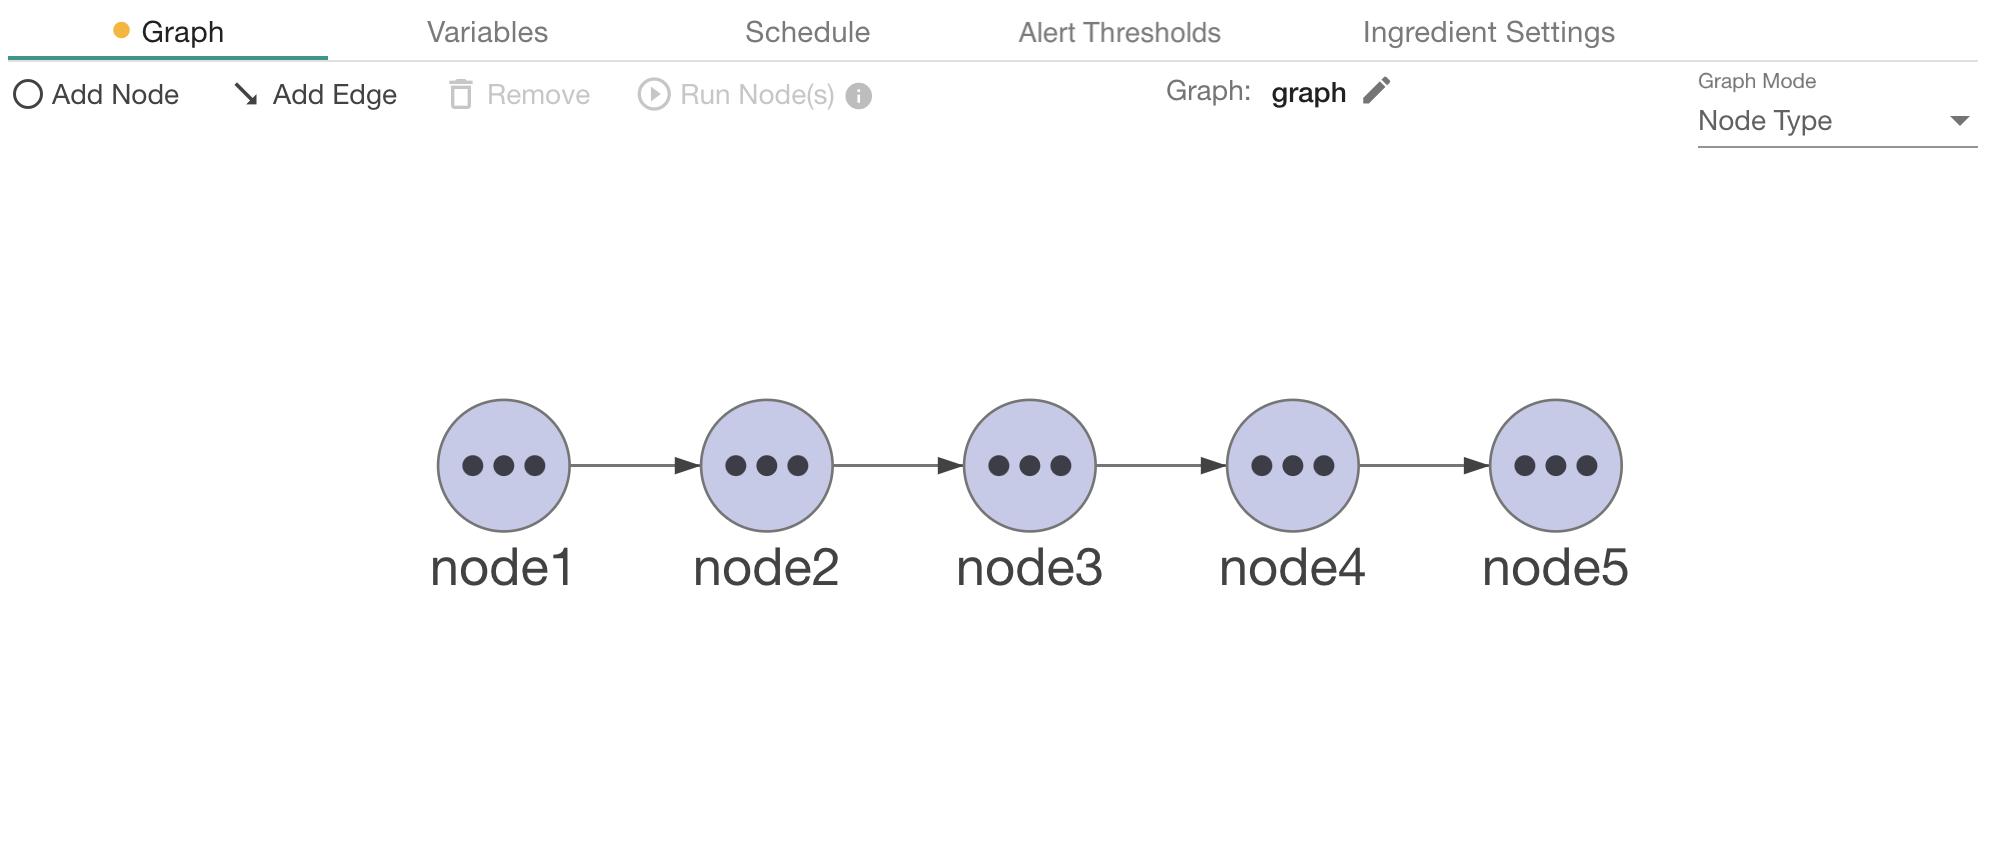 A simple graph where all nodes run in series.